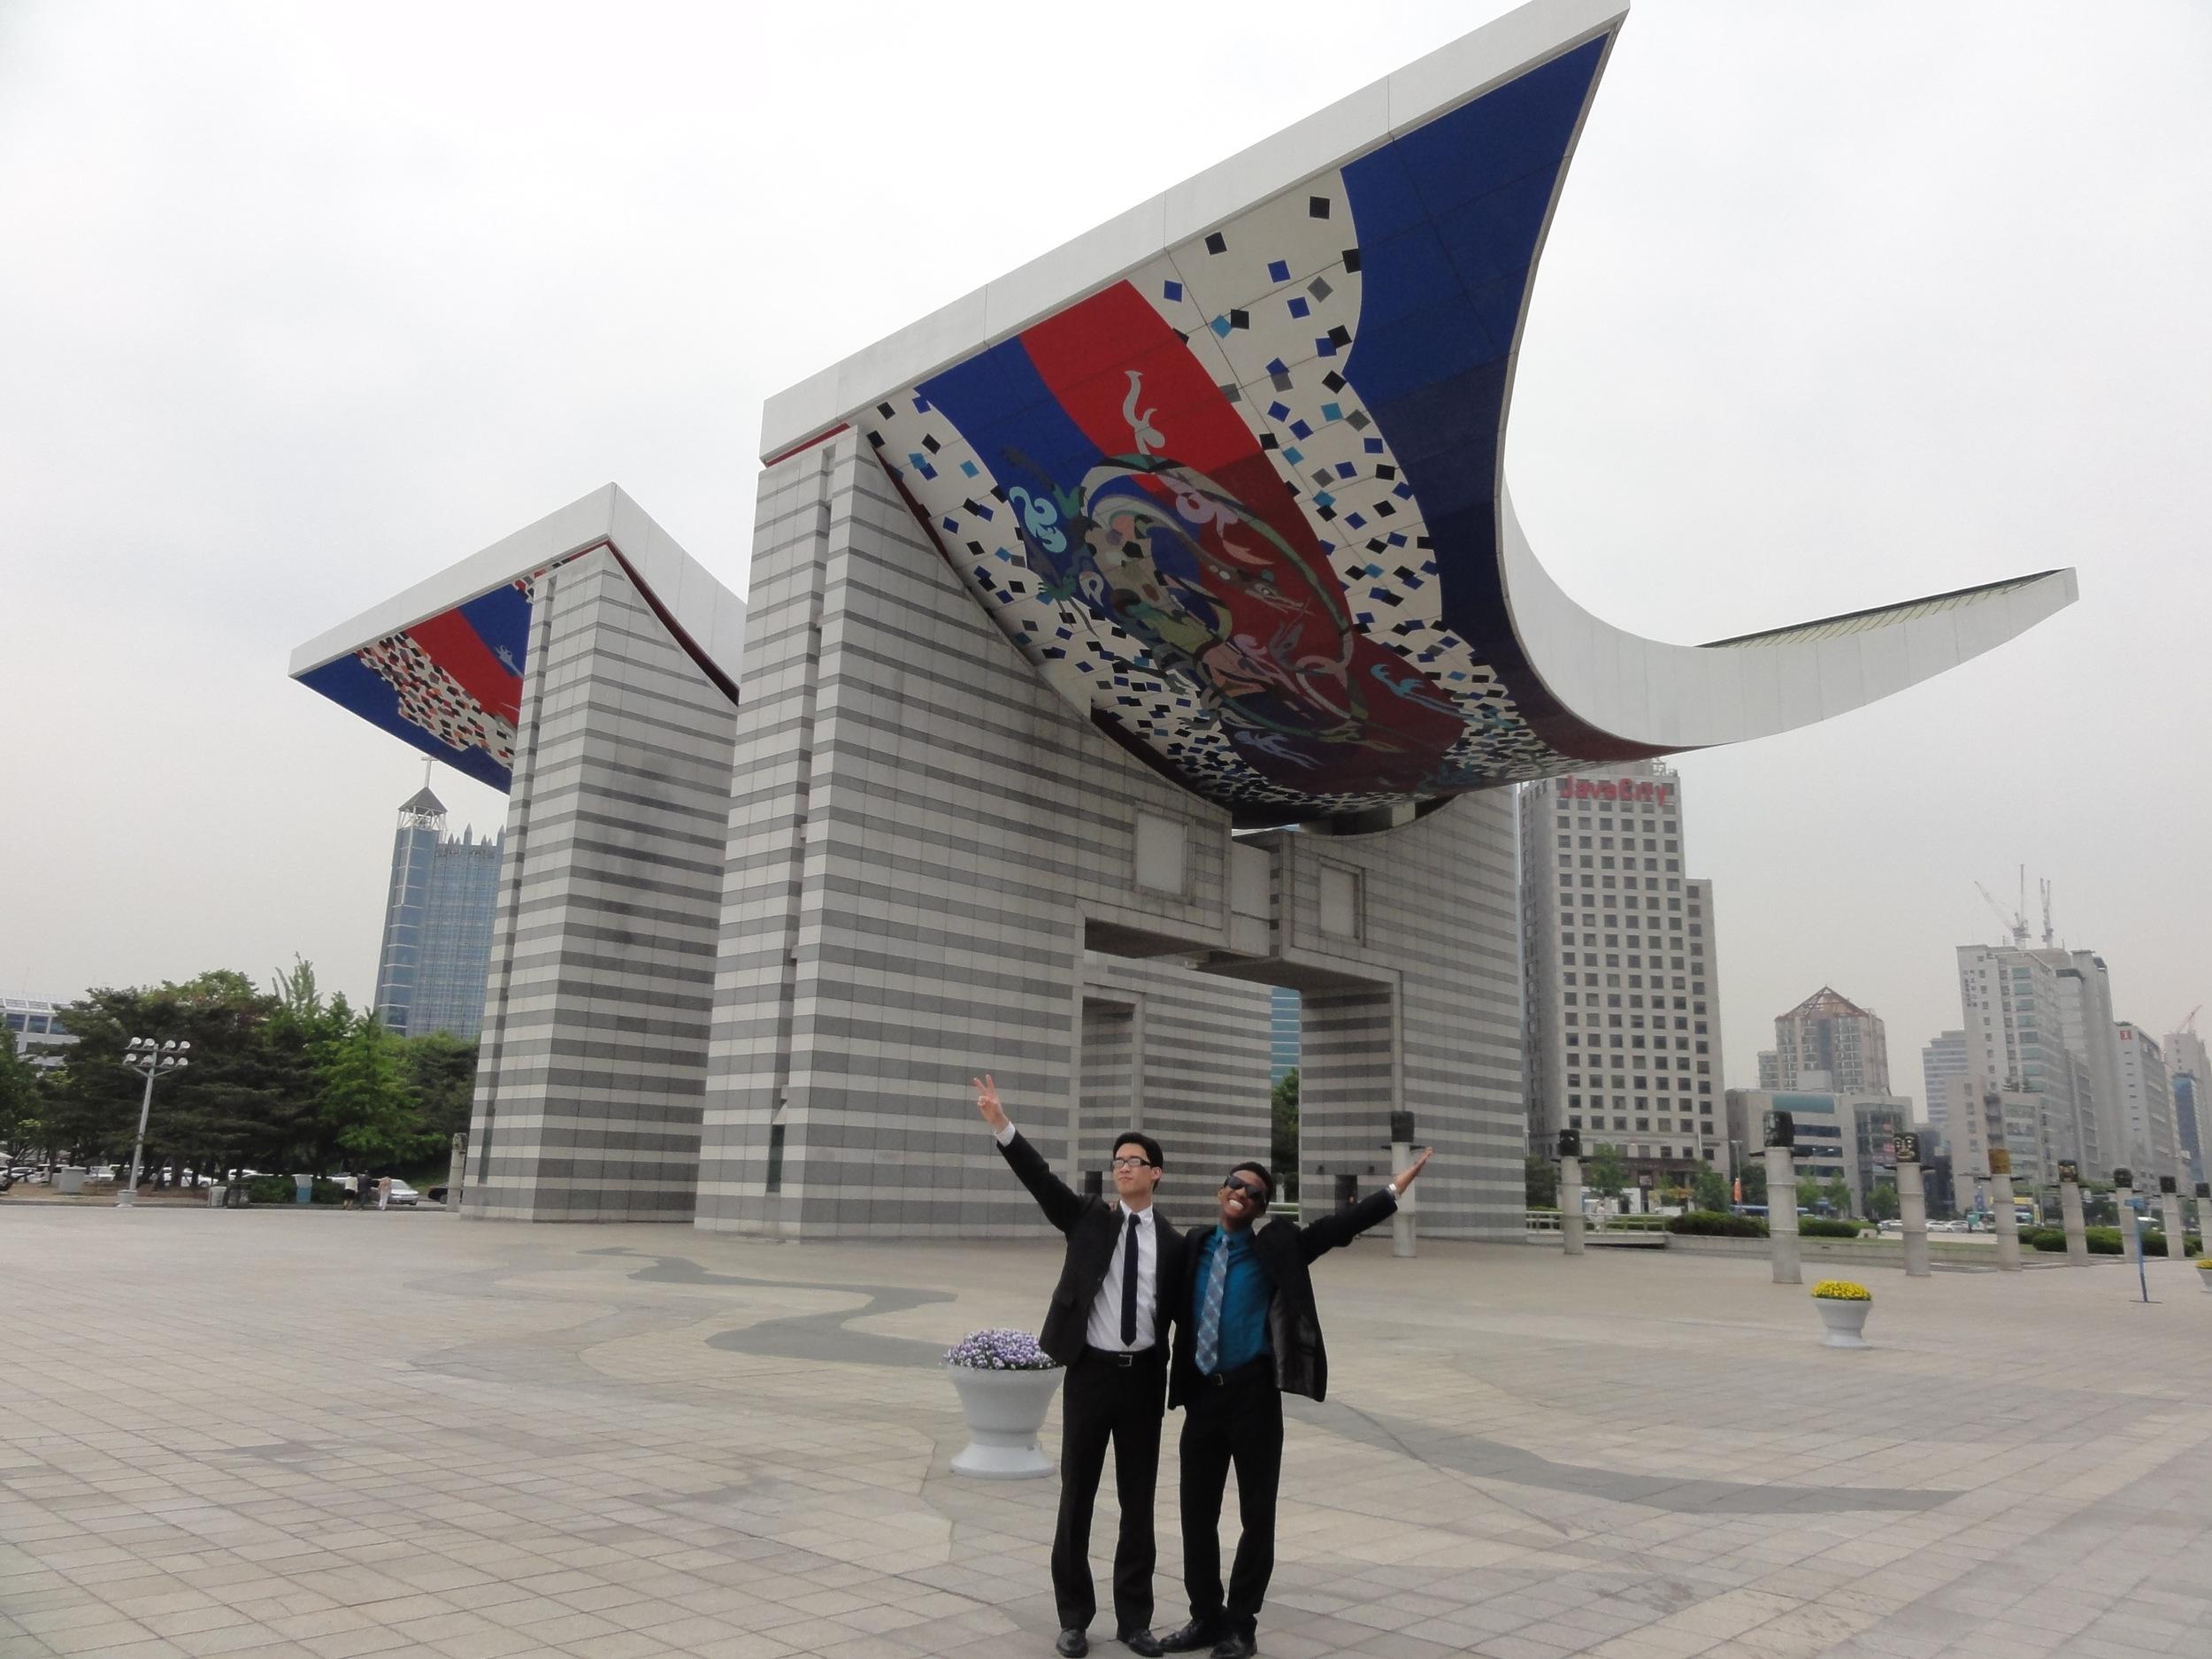 The World Peace Gate in Seoul